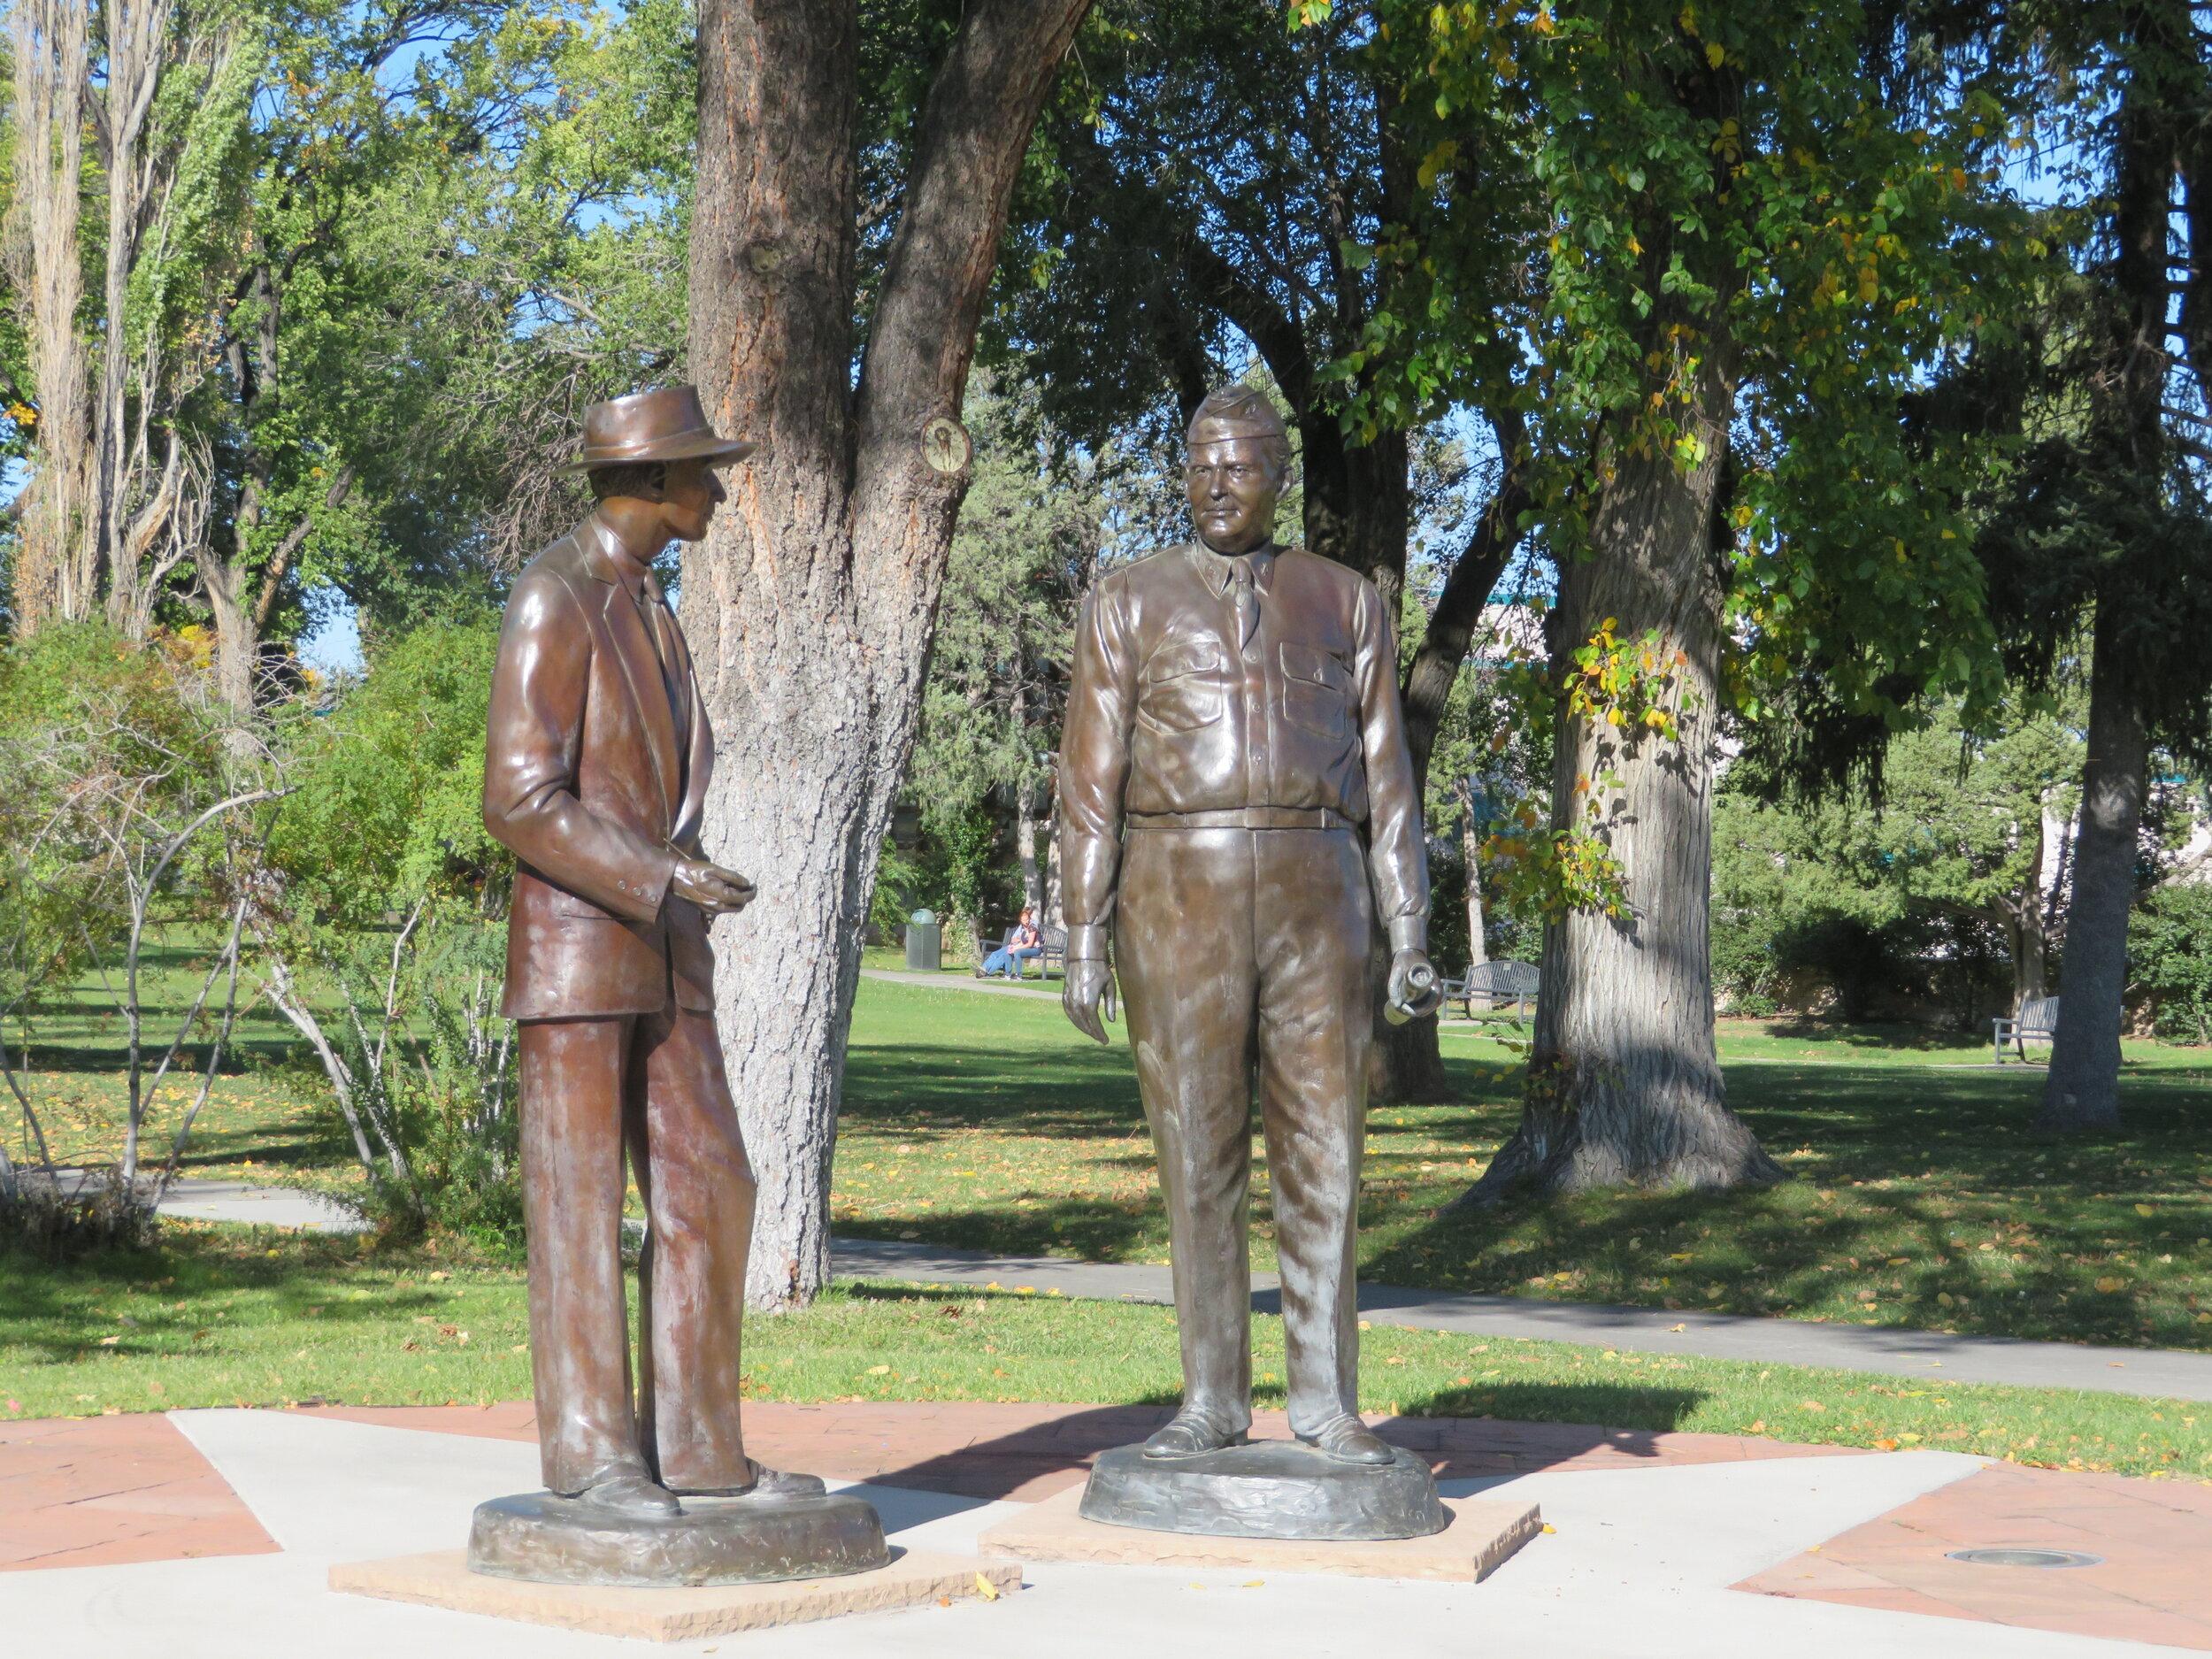 Statue of Oppenheimer & Groves